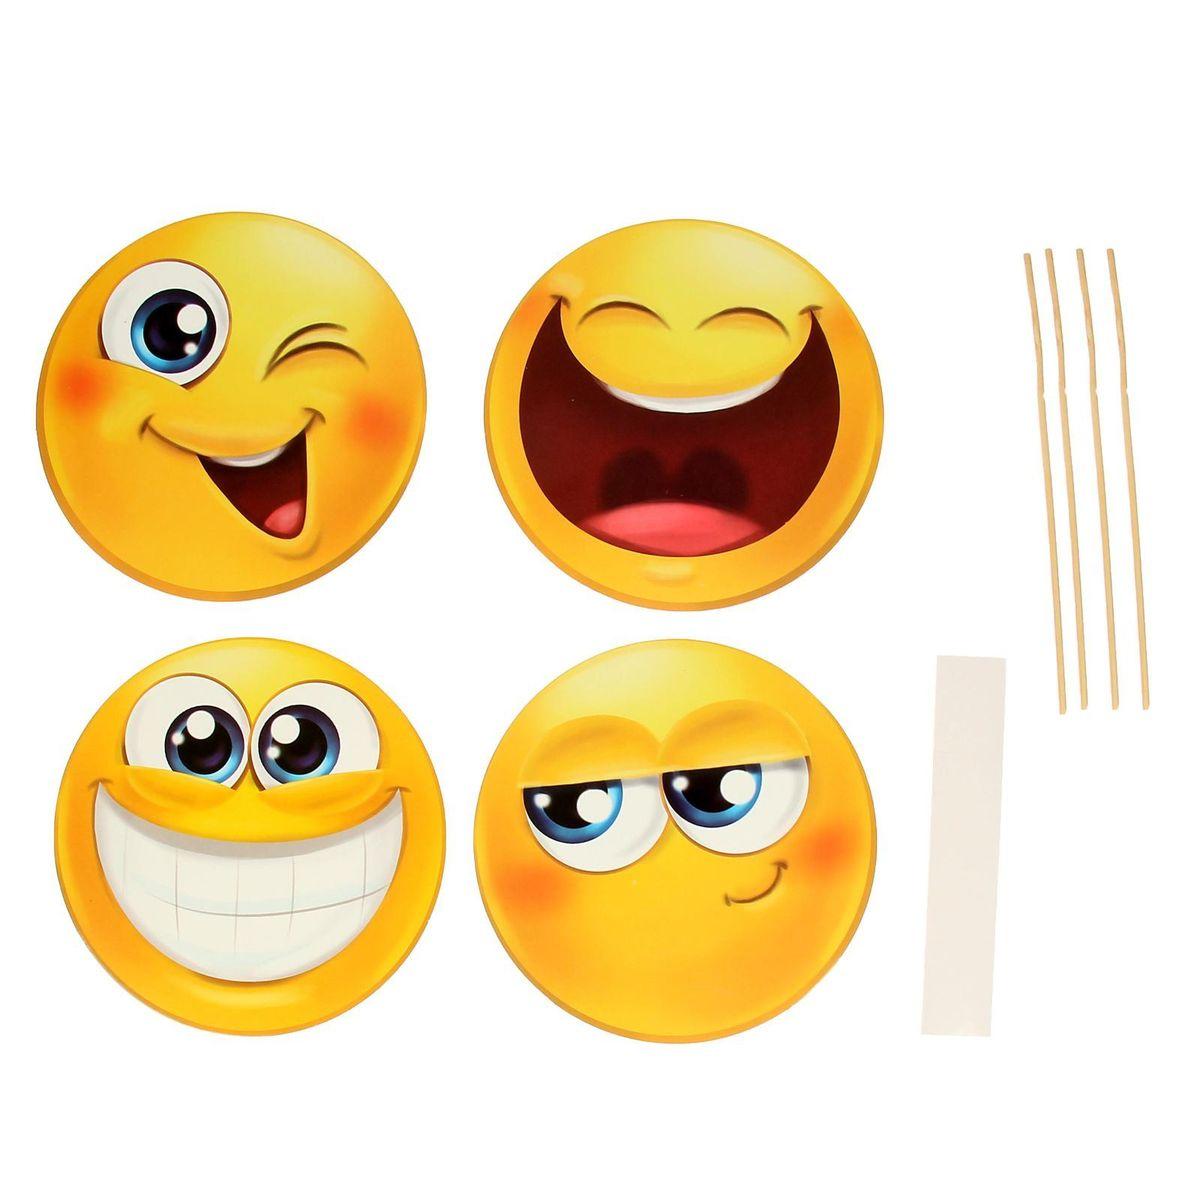 Набор фотобутафории Sima-land Смайлы - Веселые улыбки, 4 предмета1266988Невозможно представить нашу жизнь без праздников! Мы всегда ждем и предвкушаем их, обдумываем, как проведем памятный день, тщательно выбираем подарки и аксессуары, ведь именно они создают и поддерживают праздничный настрой. Аксессуары для фотосессии на палочке - это отличный выбор, который привнесет атмосферу праздника в ваш дом!